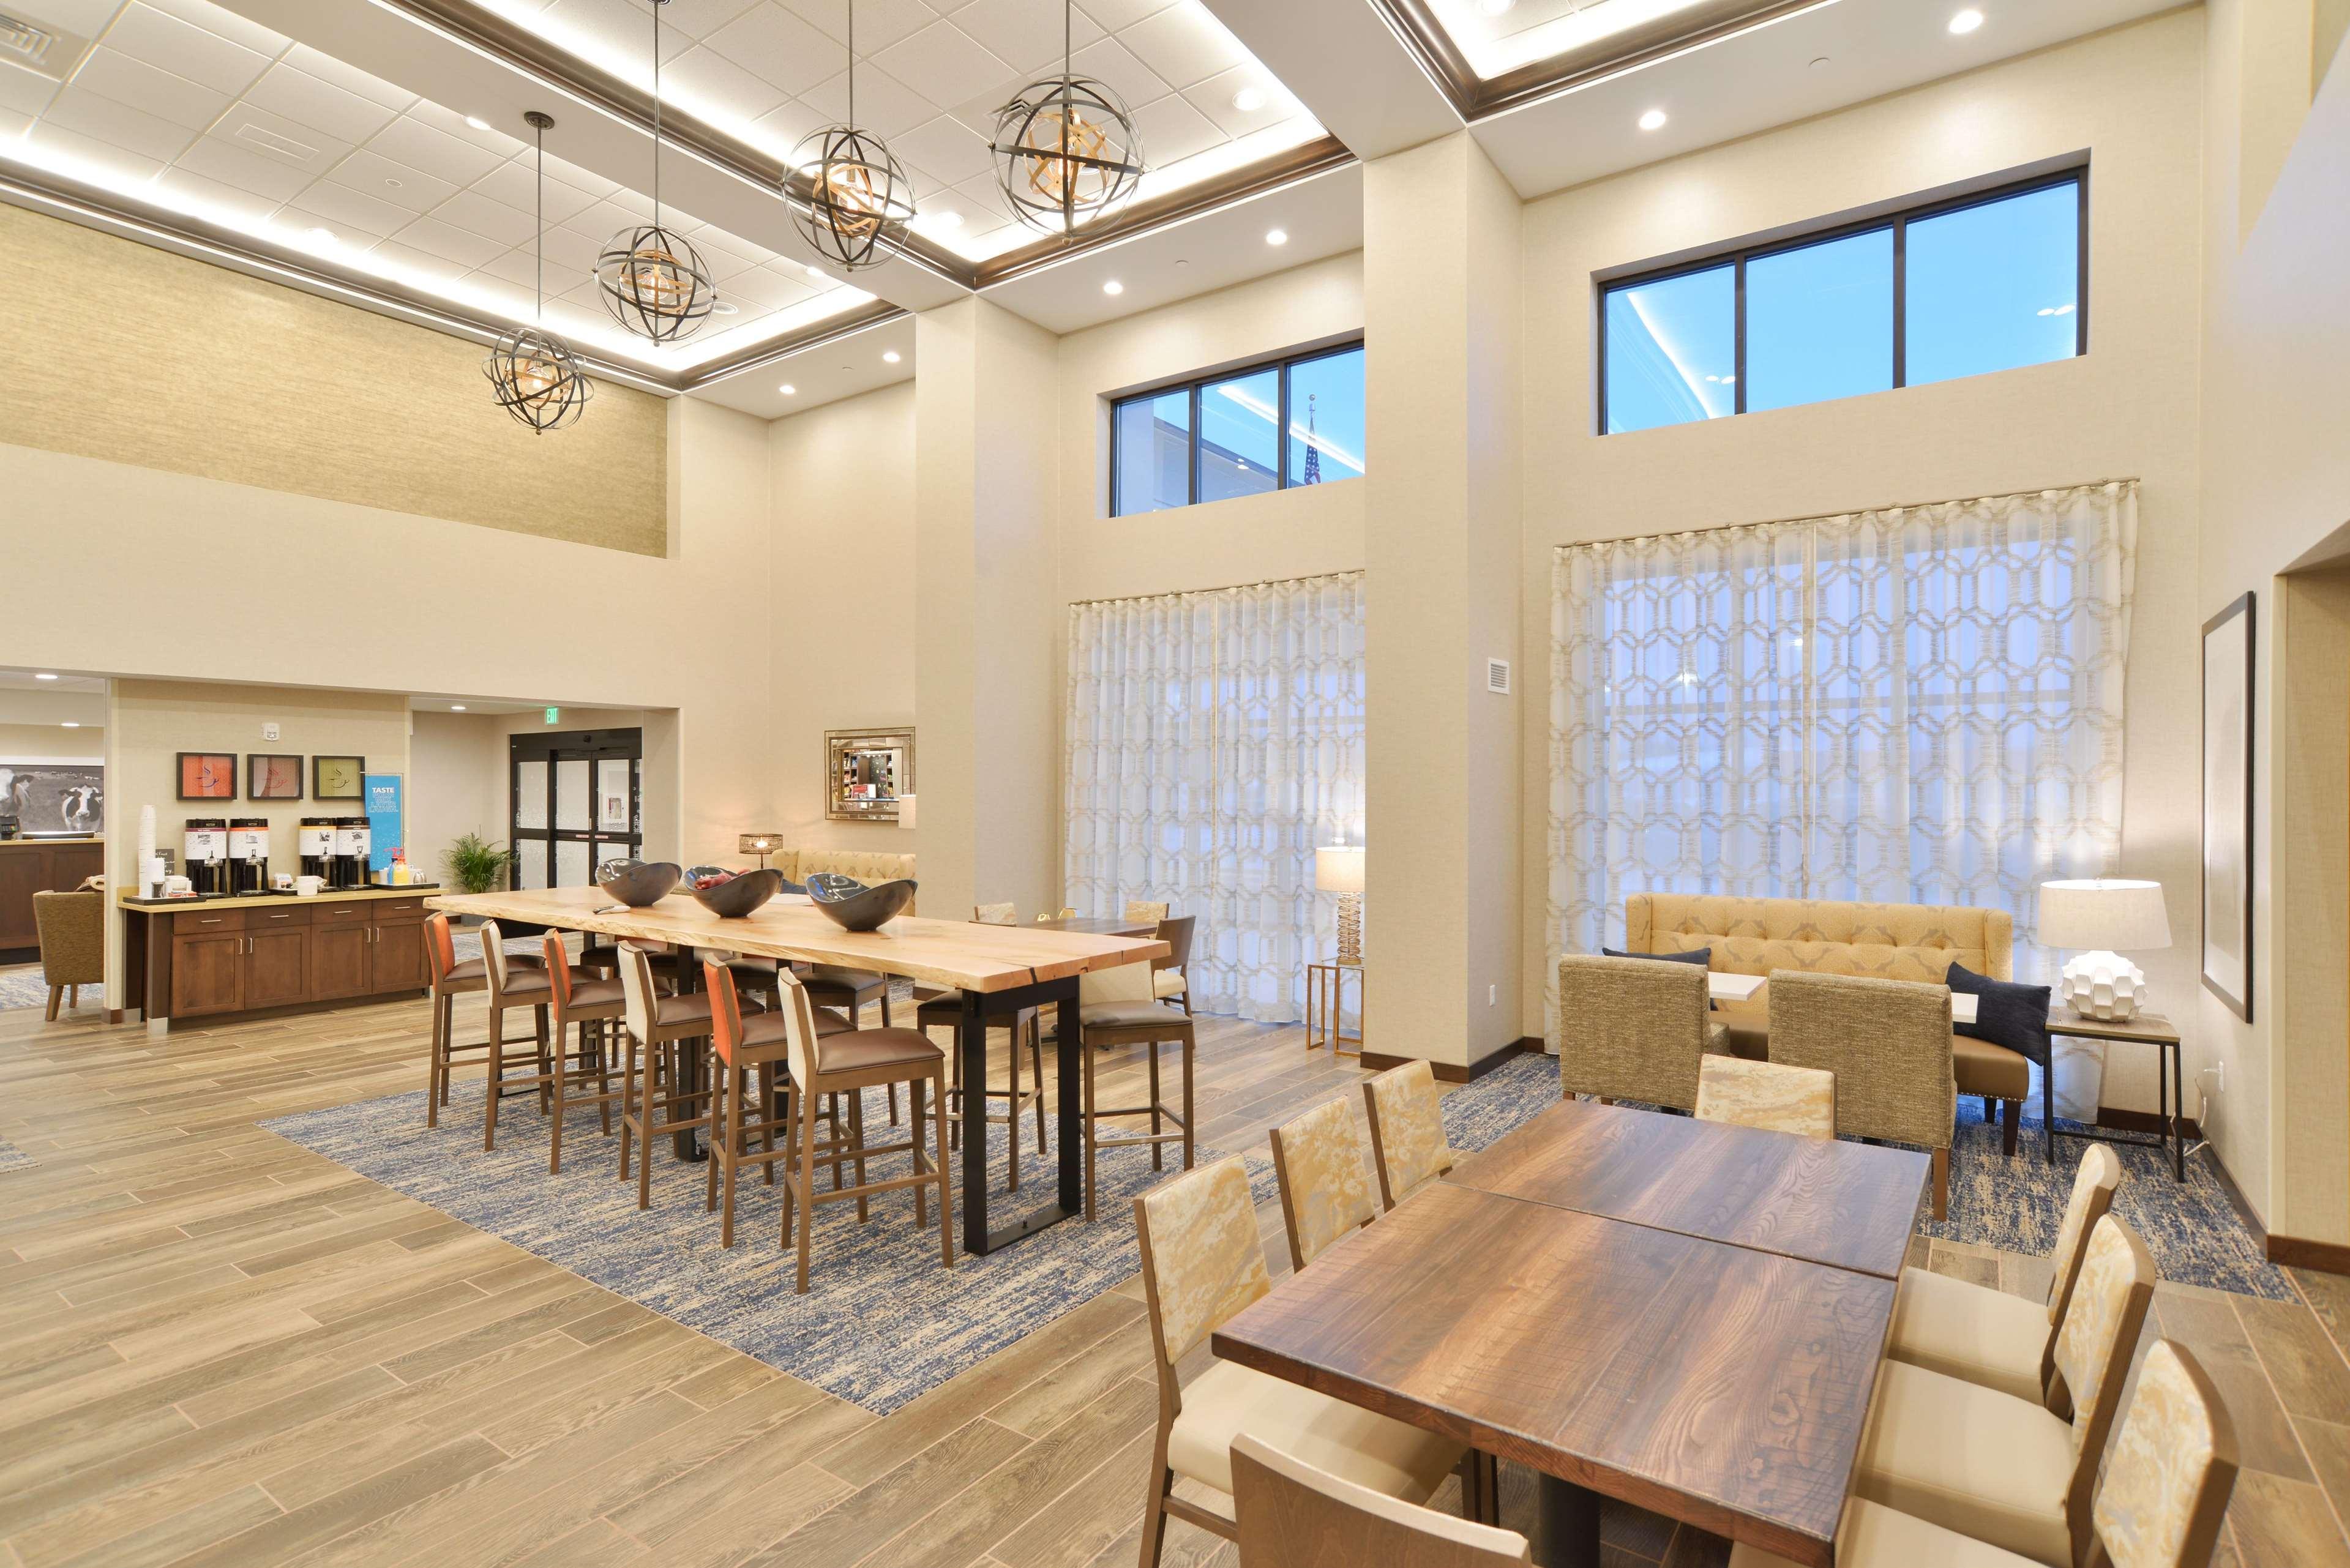 Hampton Inn & Suites Menomonie-UW Stout image 1